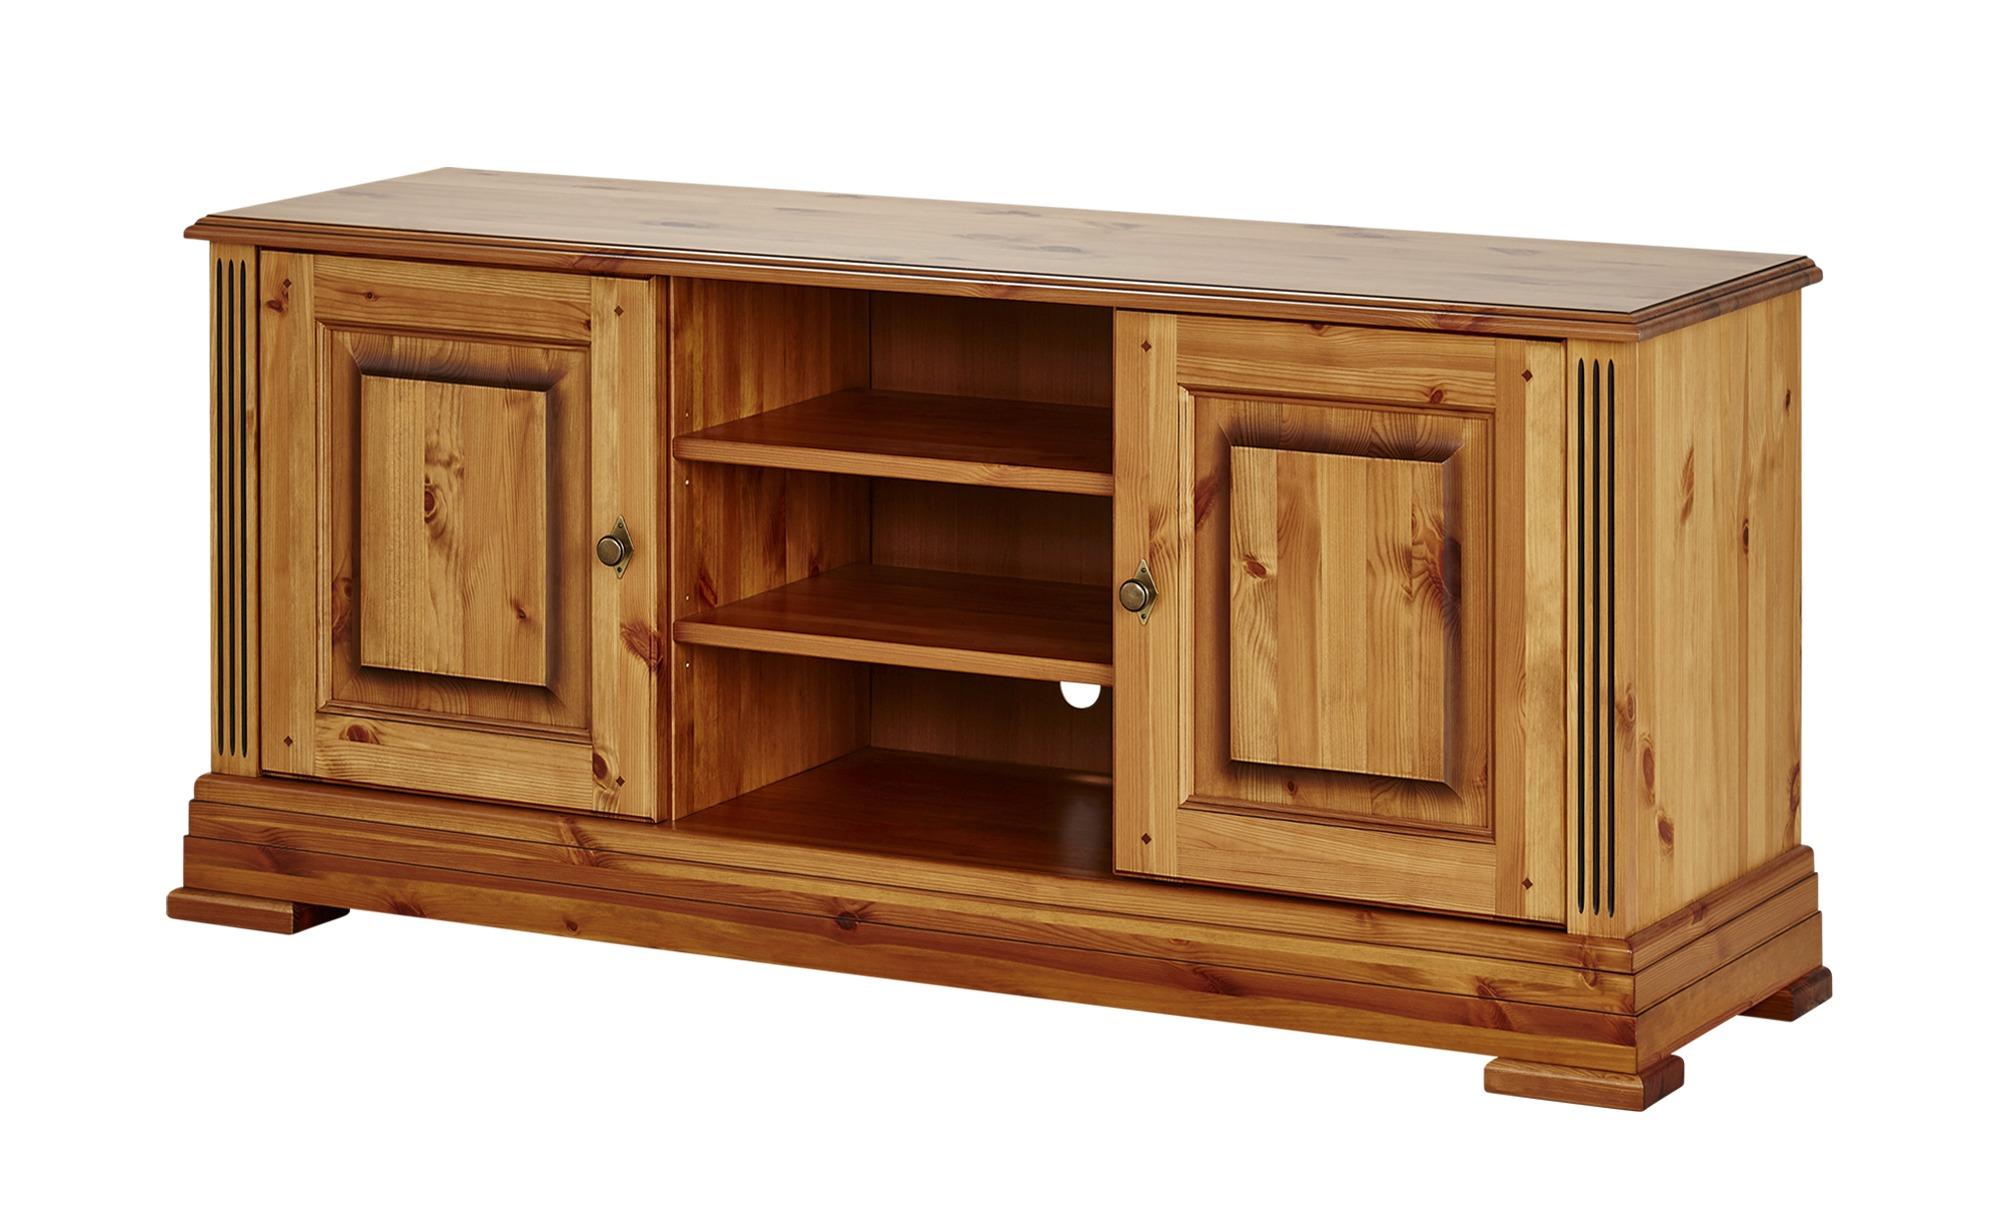 massivholz-lowboard stockholm breite: 155 cm höhe: 70 cm holzfarben